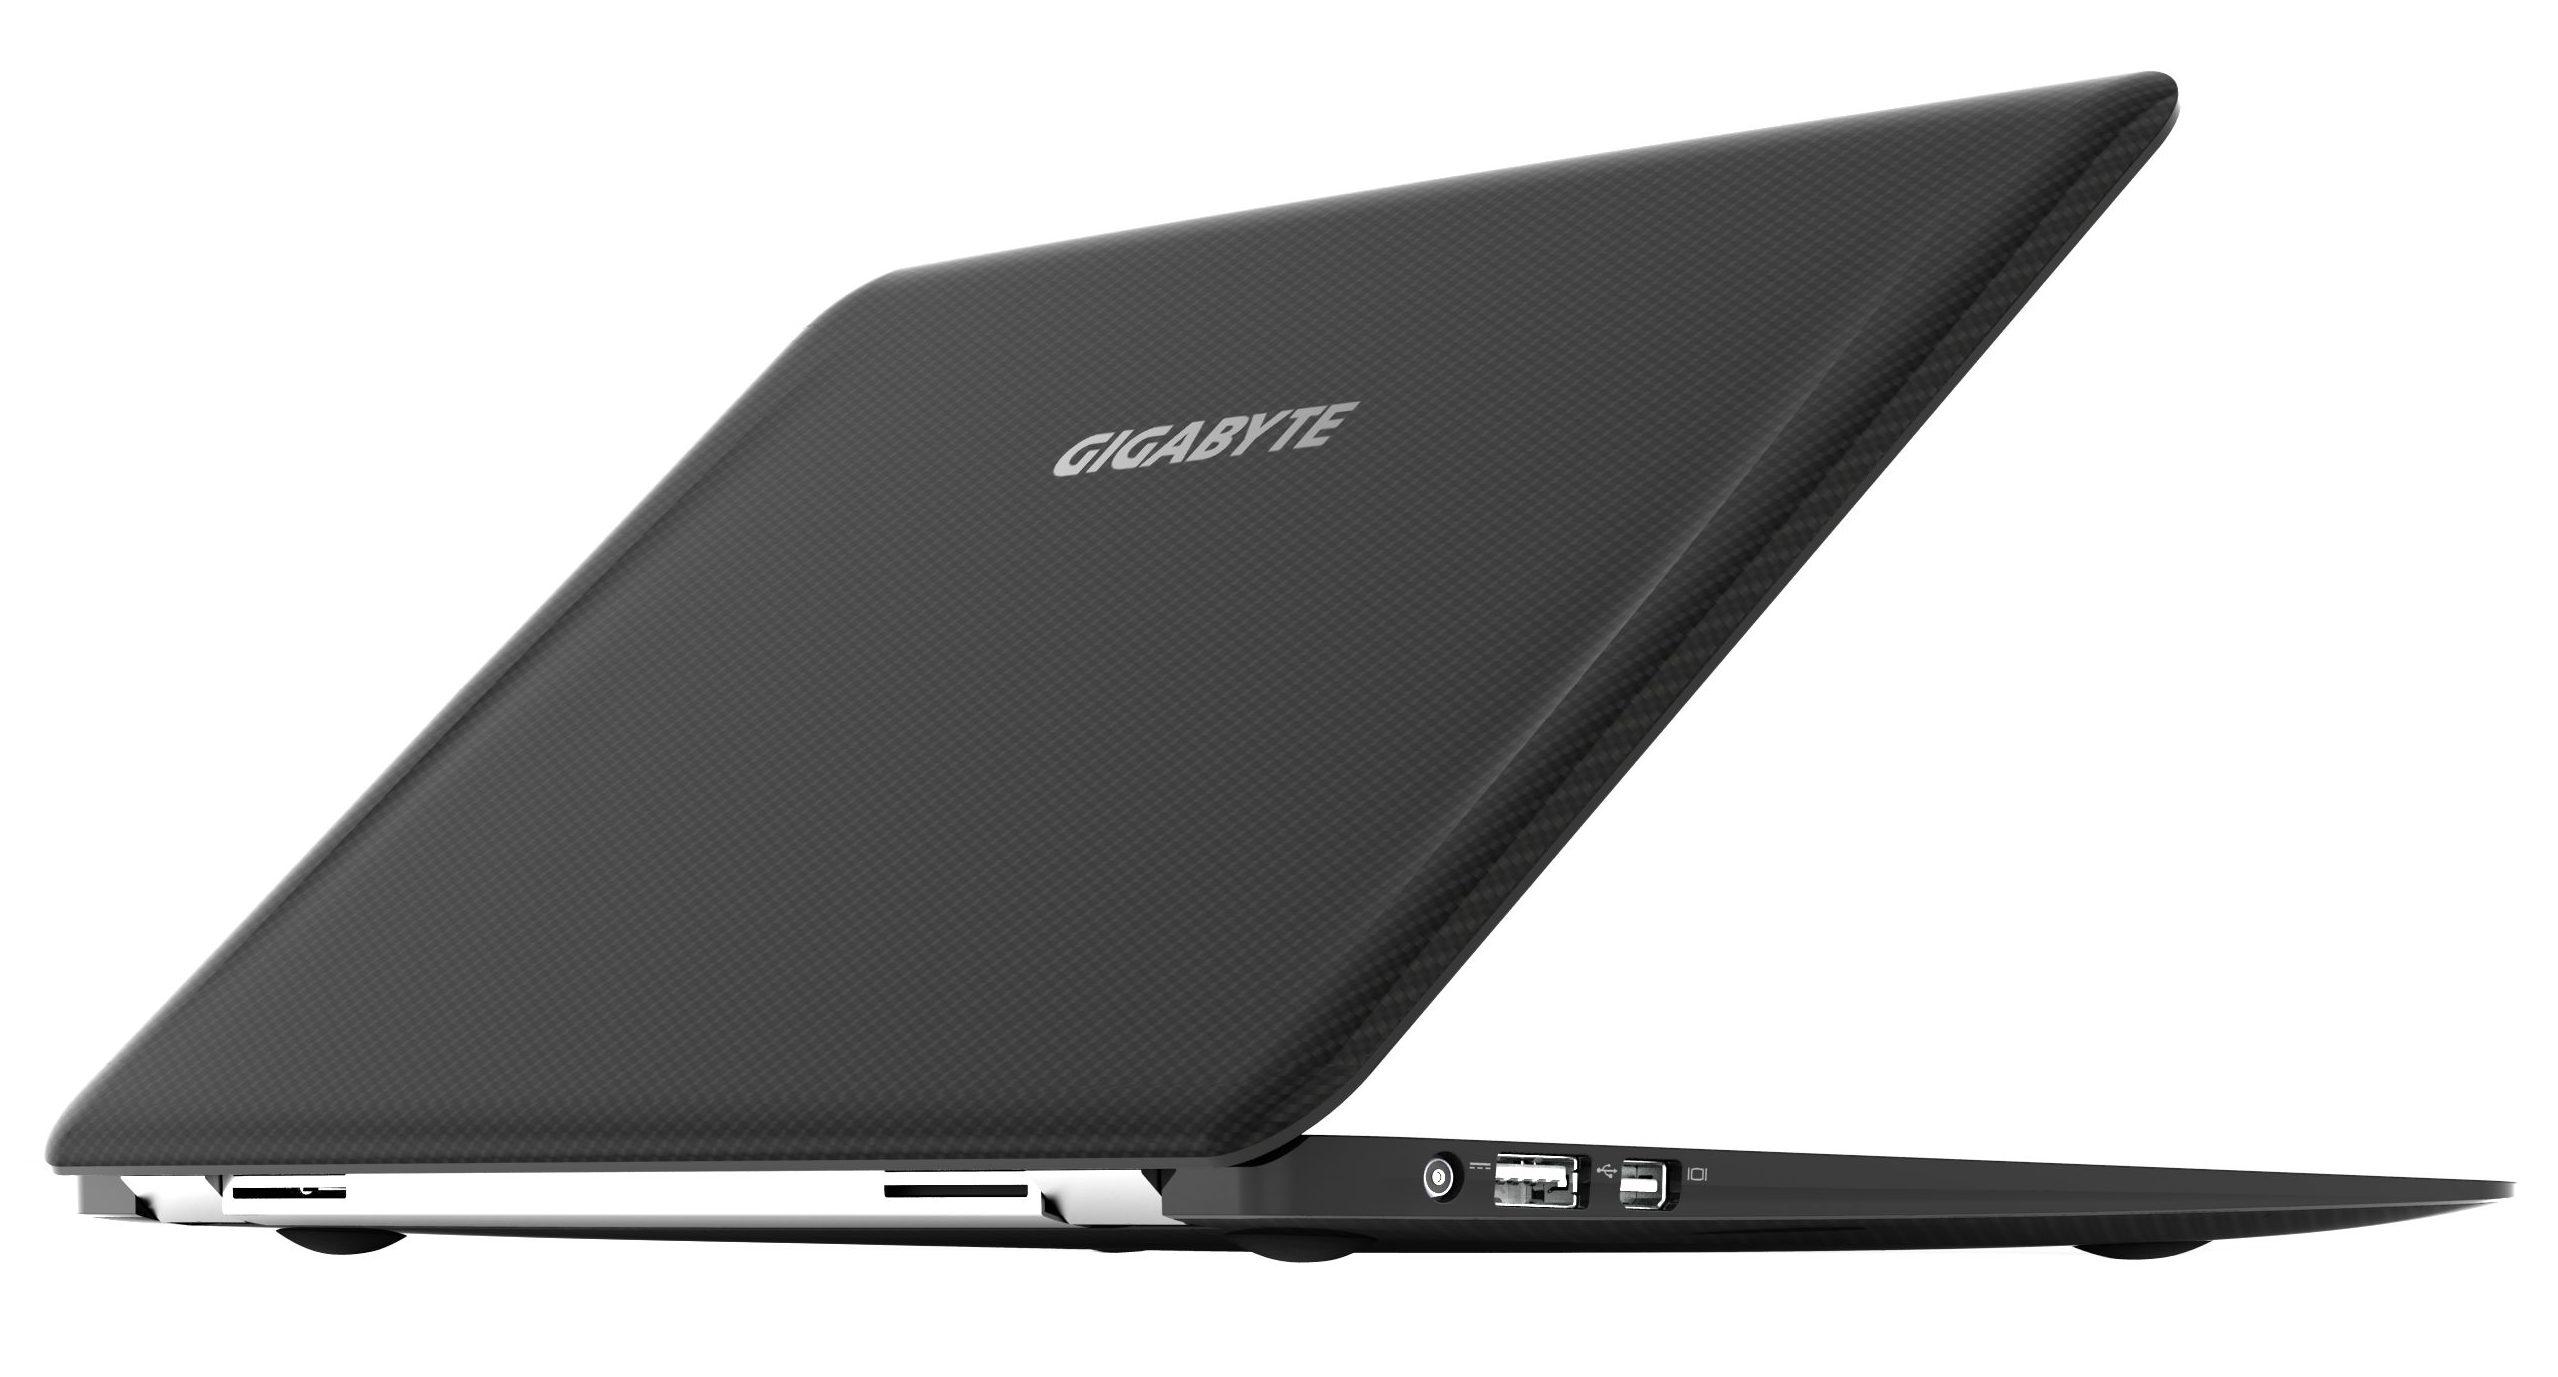 Gigabyte X11 - ile wa�y najl�ejszy laptop na �wiecie?